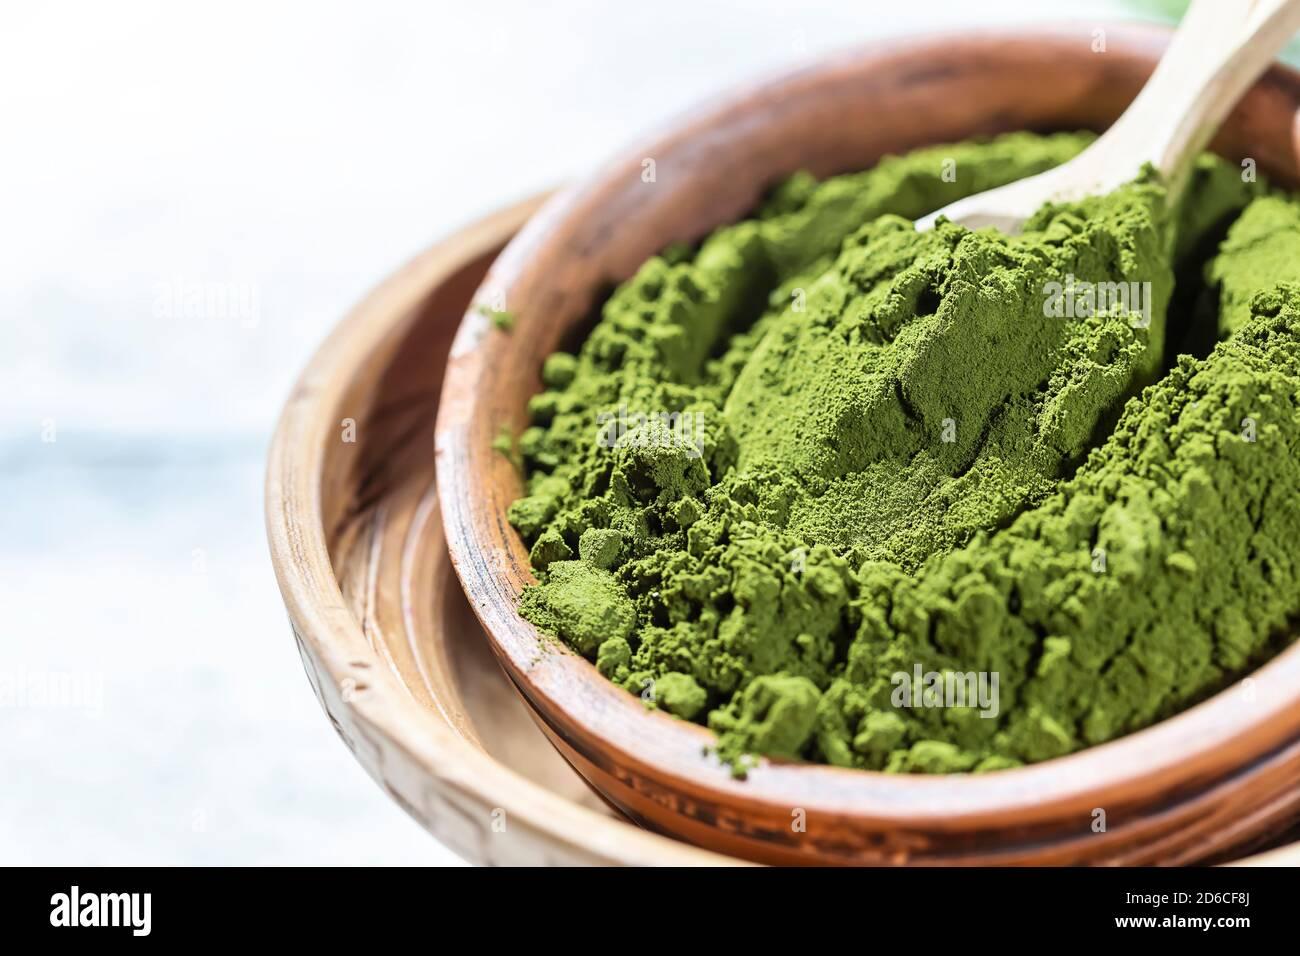 Chlorella en poudre verte, spiruline sur fond de béton gris. Concept de régime, de détox, de superalimentation saine, qui contient des protéines. Banque D'Images